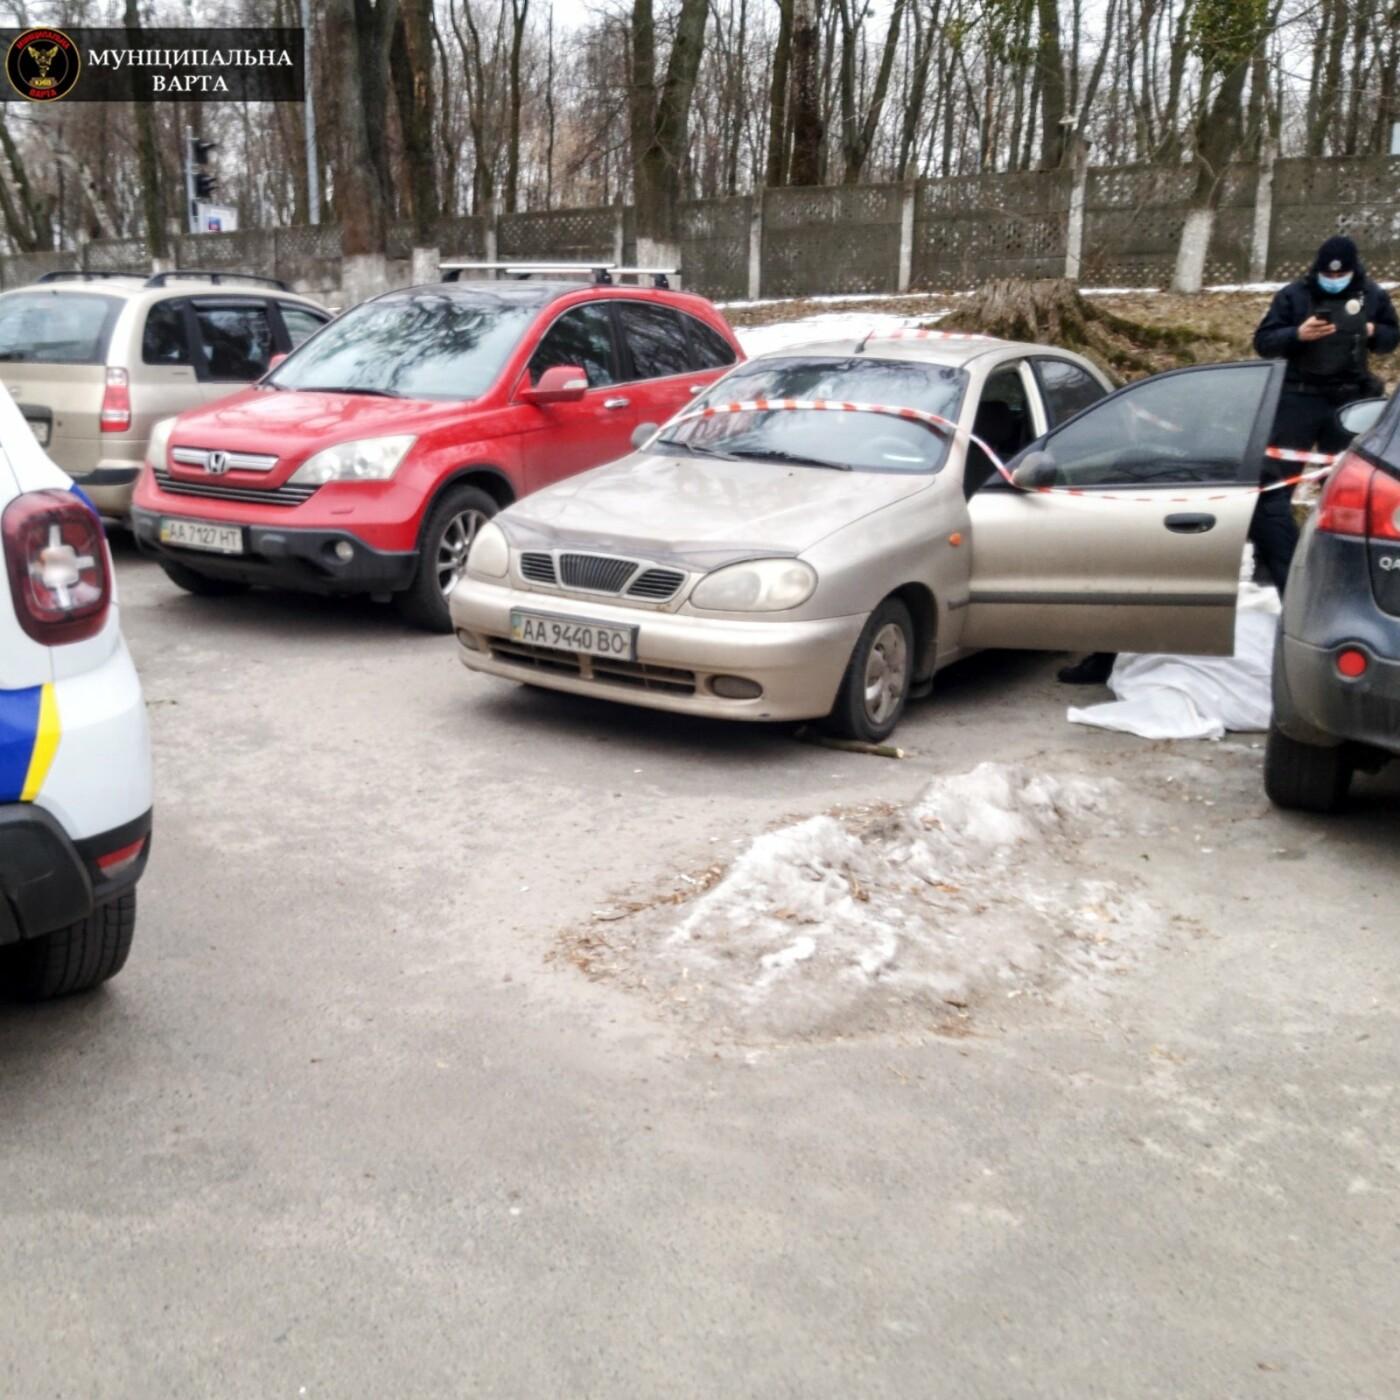 На парковке больницы нашли тело мужчины, Фото: Муниципальная Варта